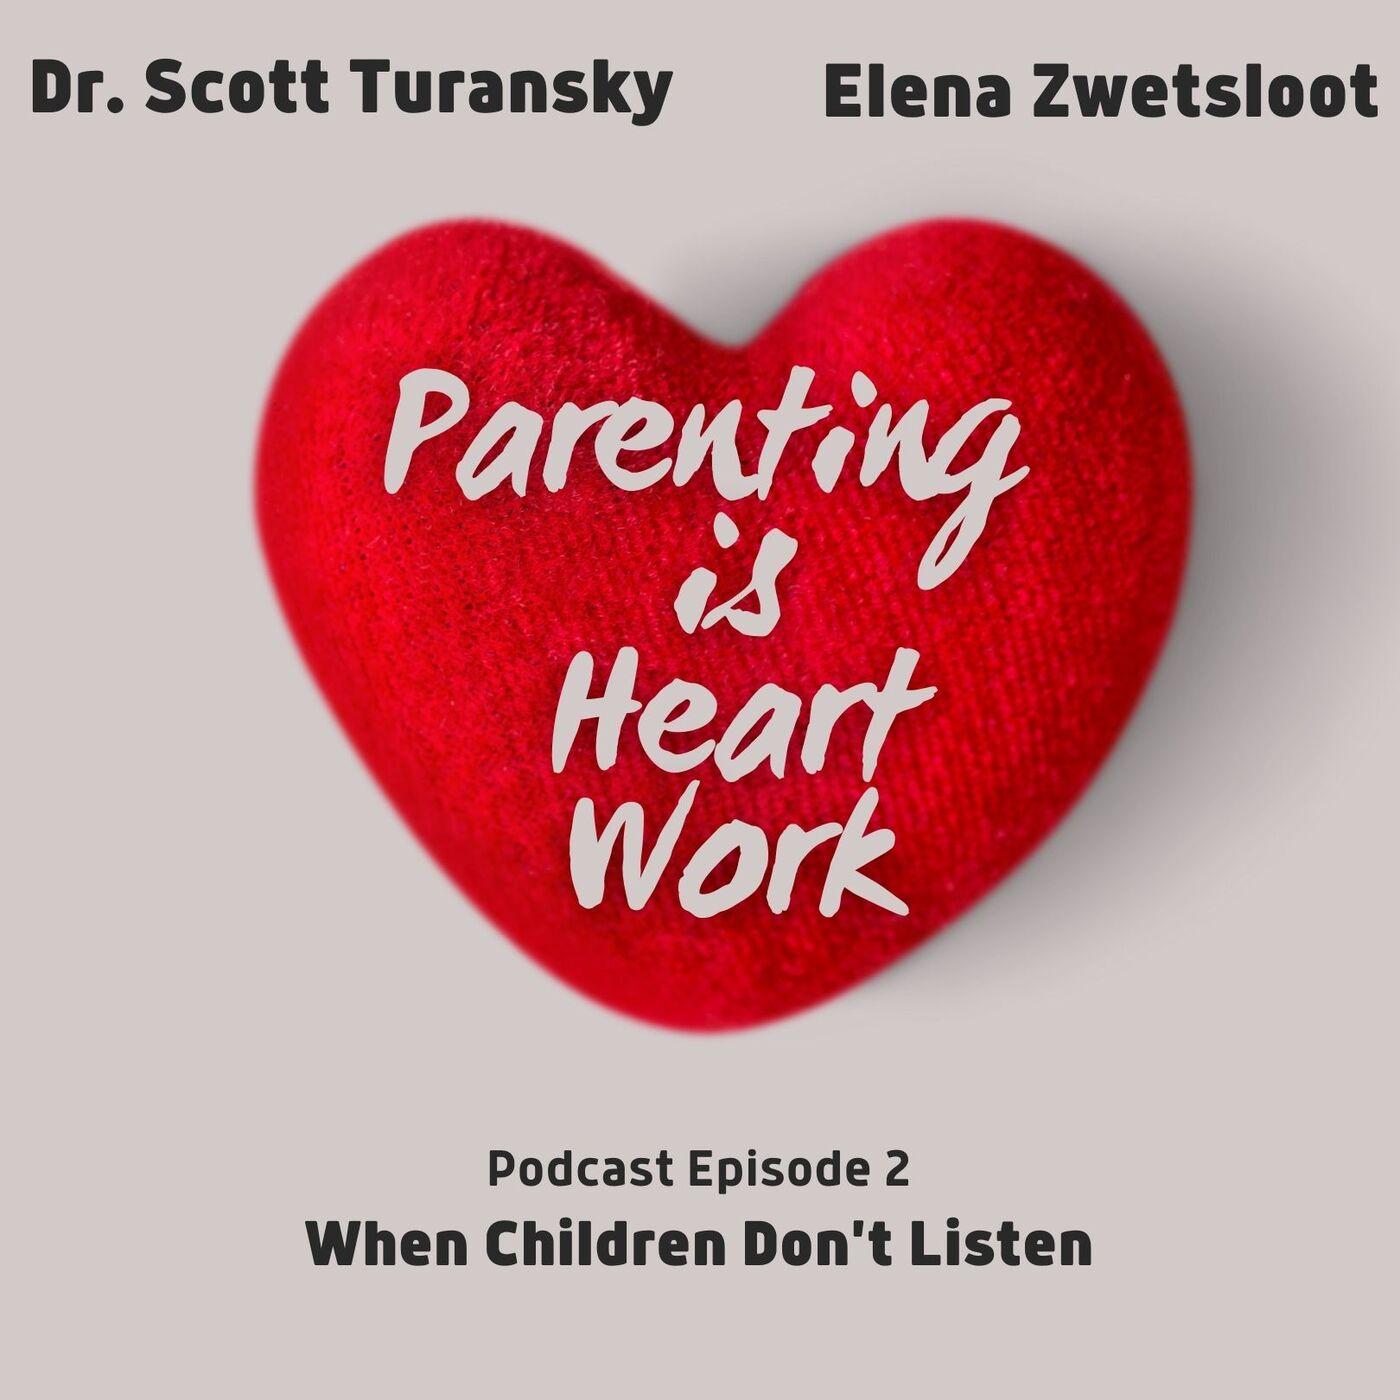 1. When Children Don't Listen